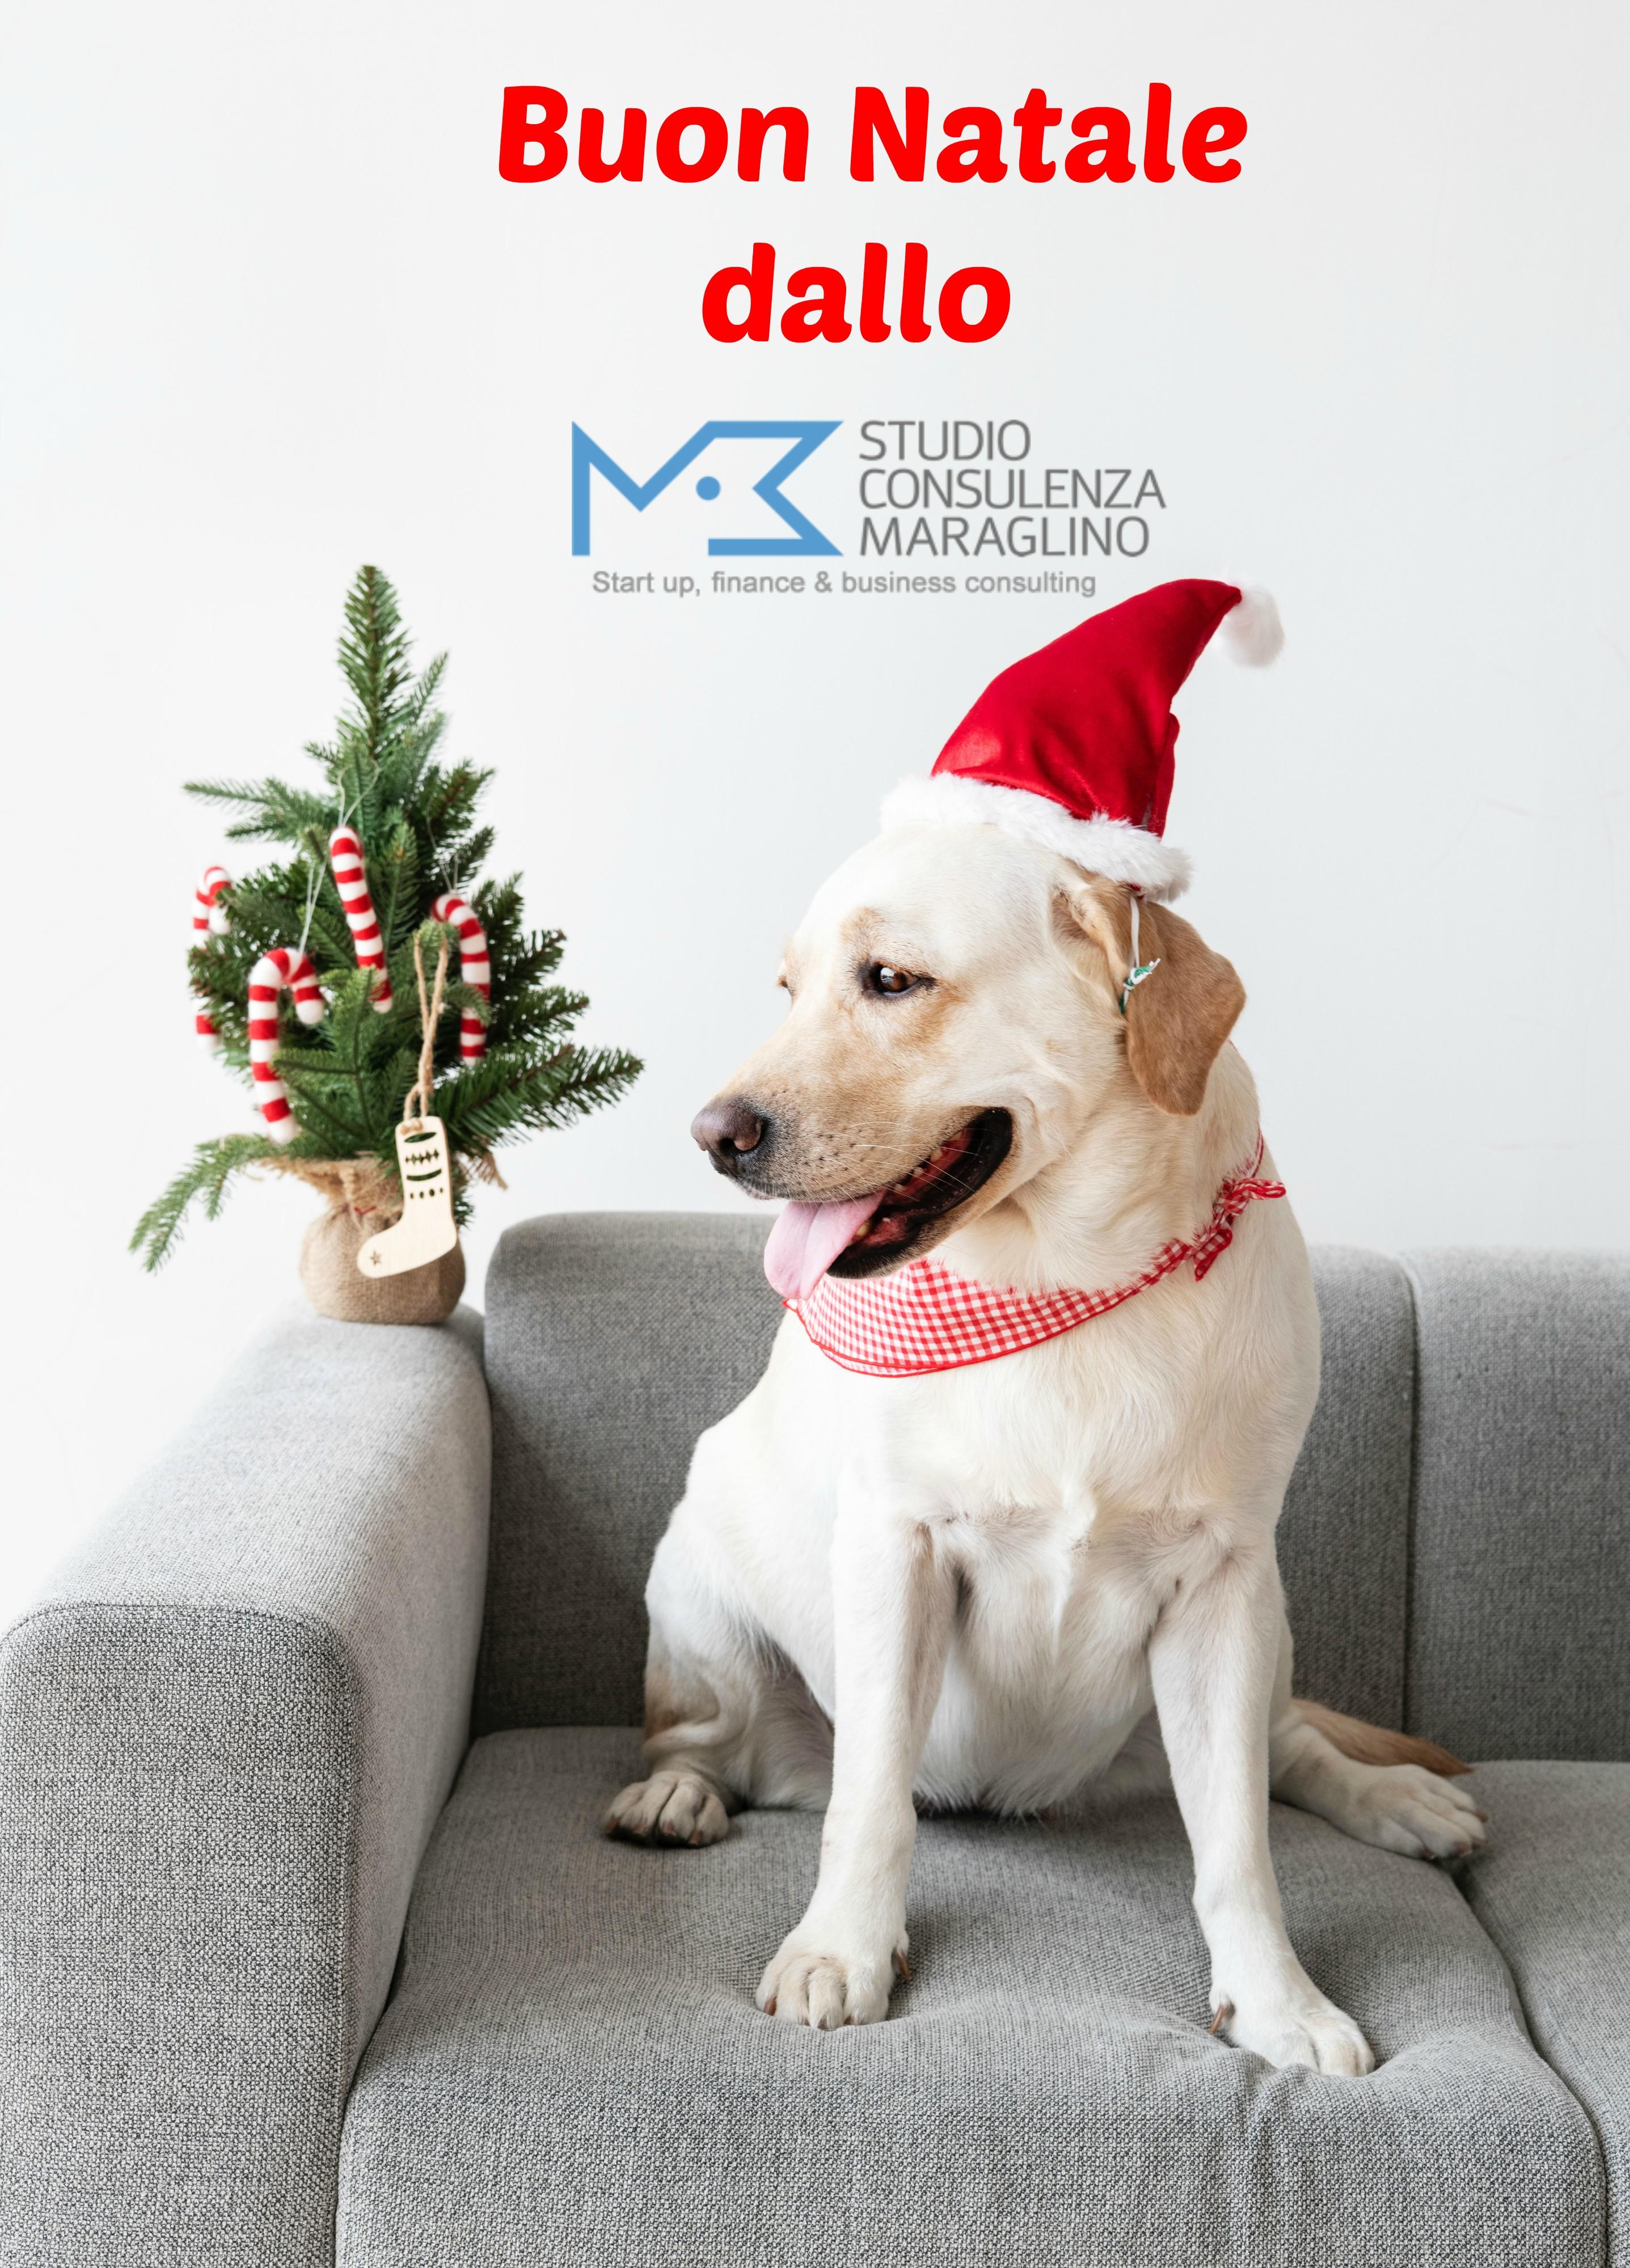 Buon Natale e Buon 2019